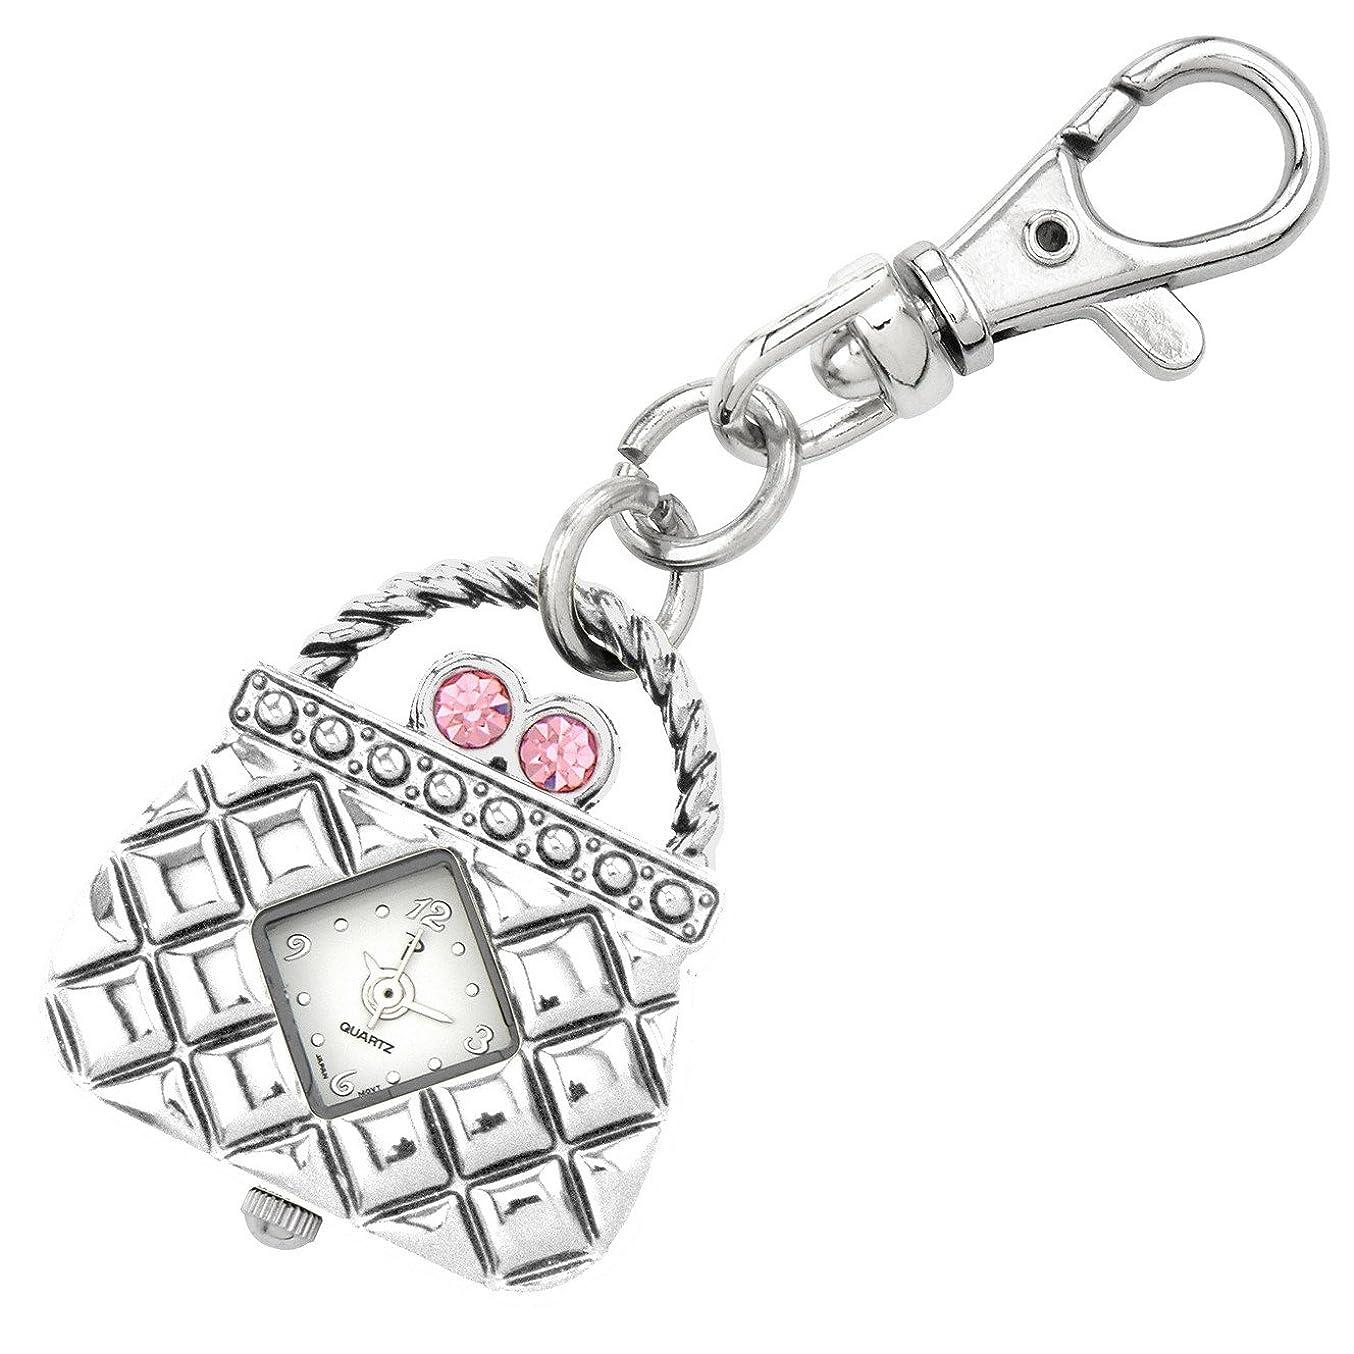 マグ宣言君主JasユニセックスNovelty Belt Fob / Keychain WatchピンクPurseシルバートーン